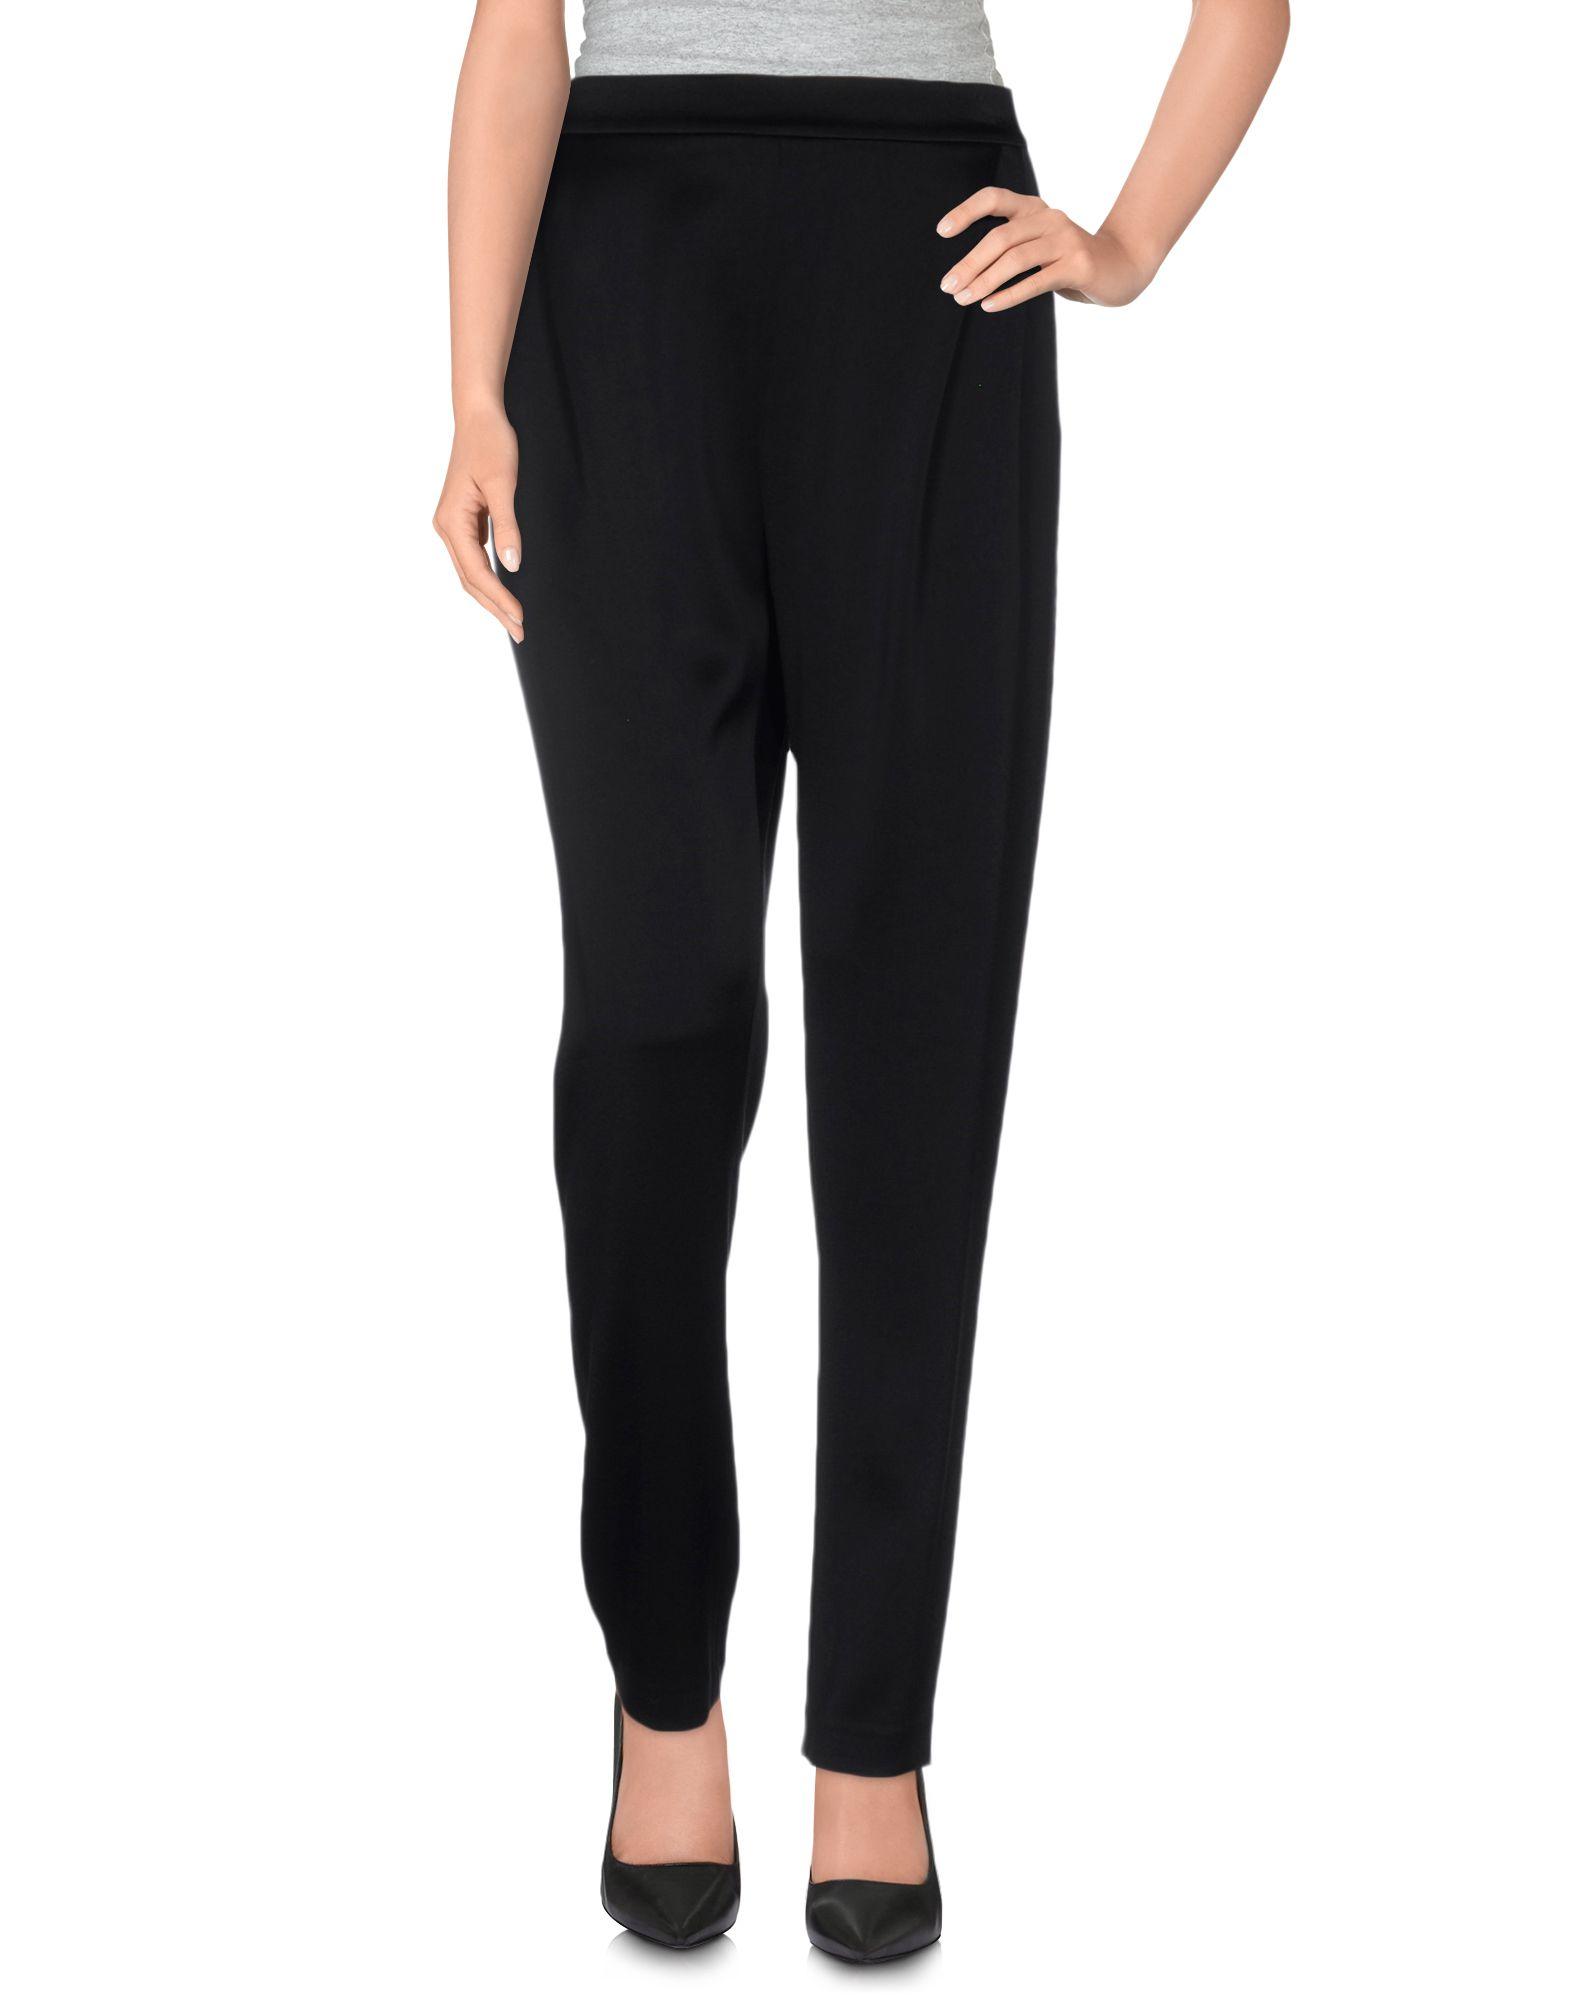 DEREK LAM 10 CROSBY Damen Hose Farbe Schwarz Größe 4